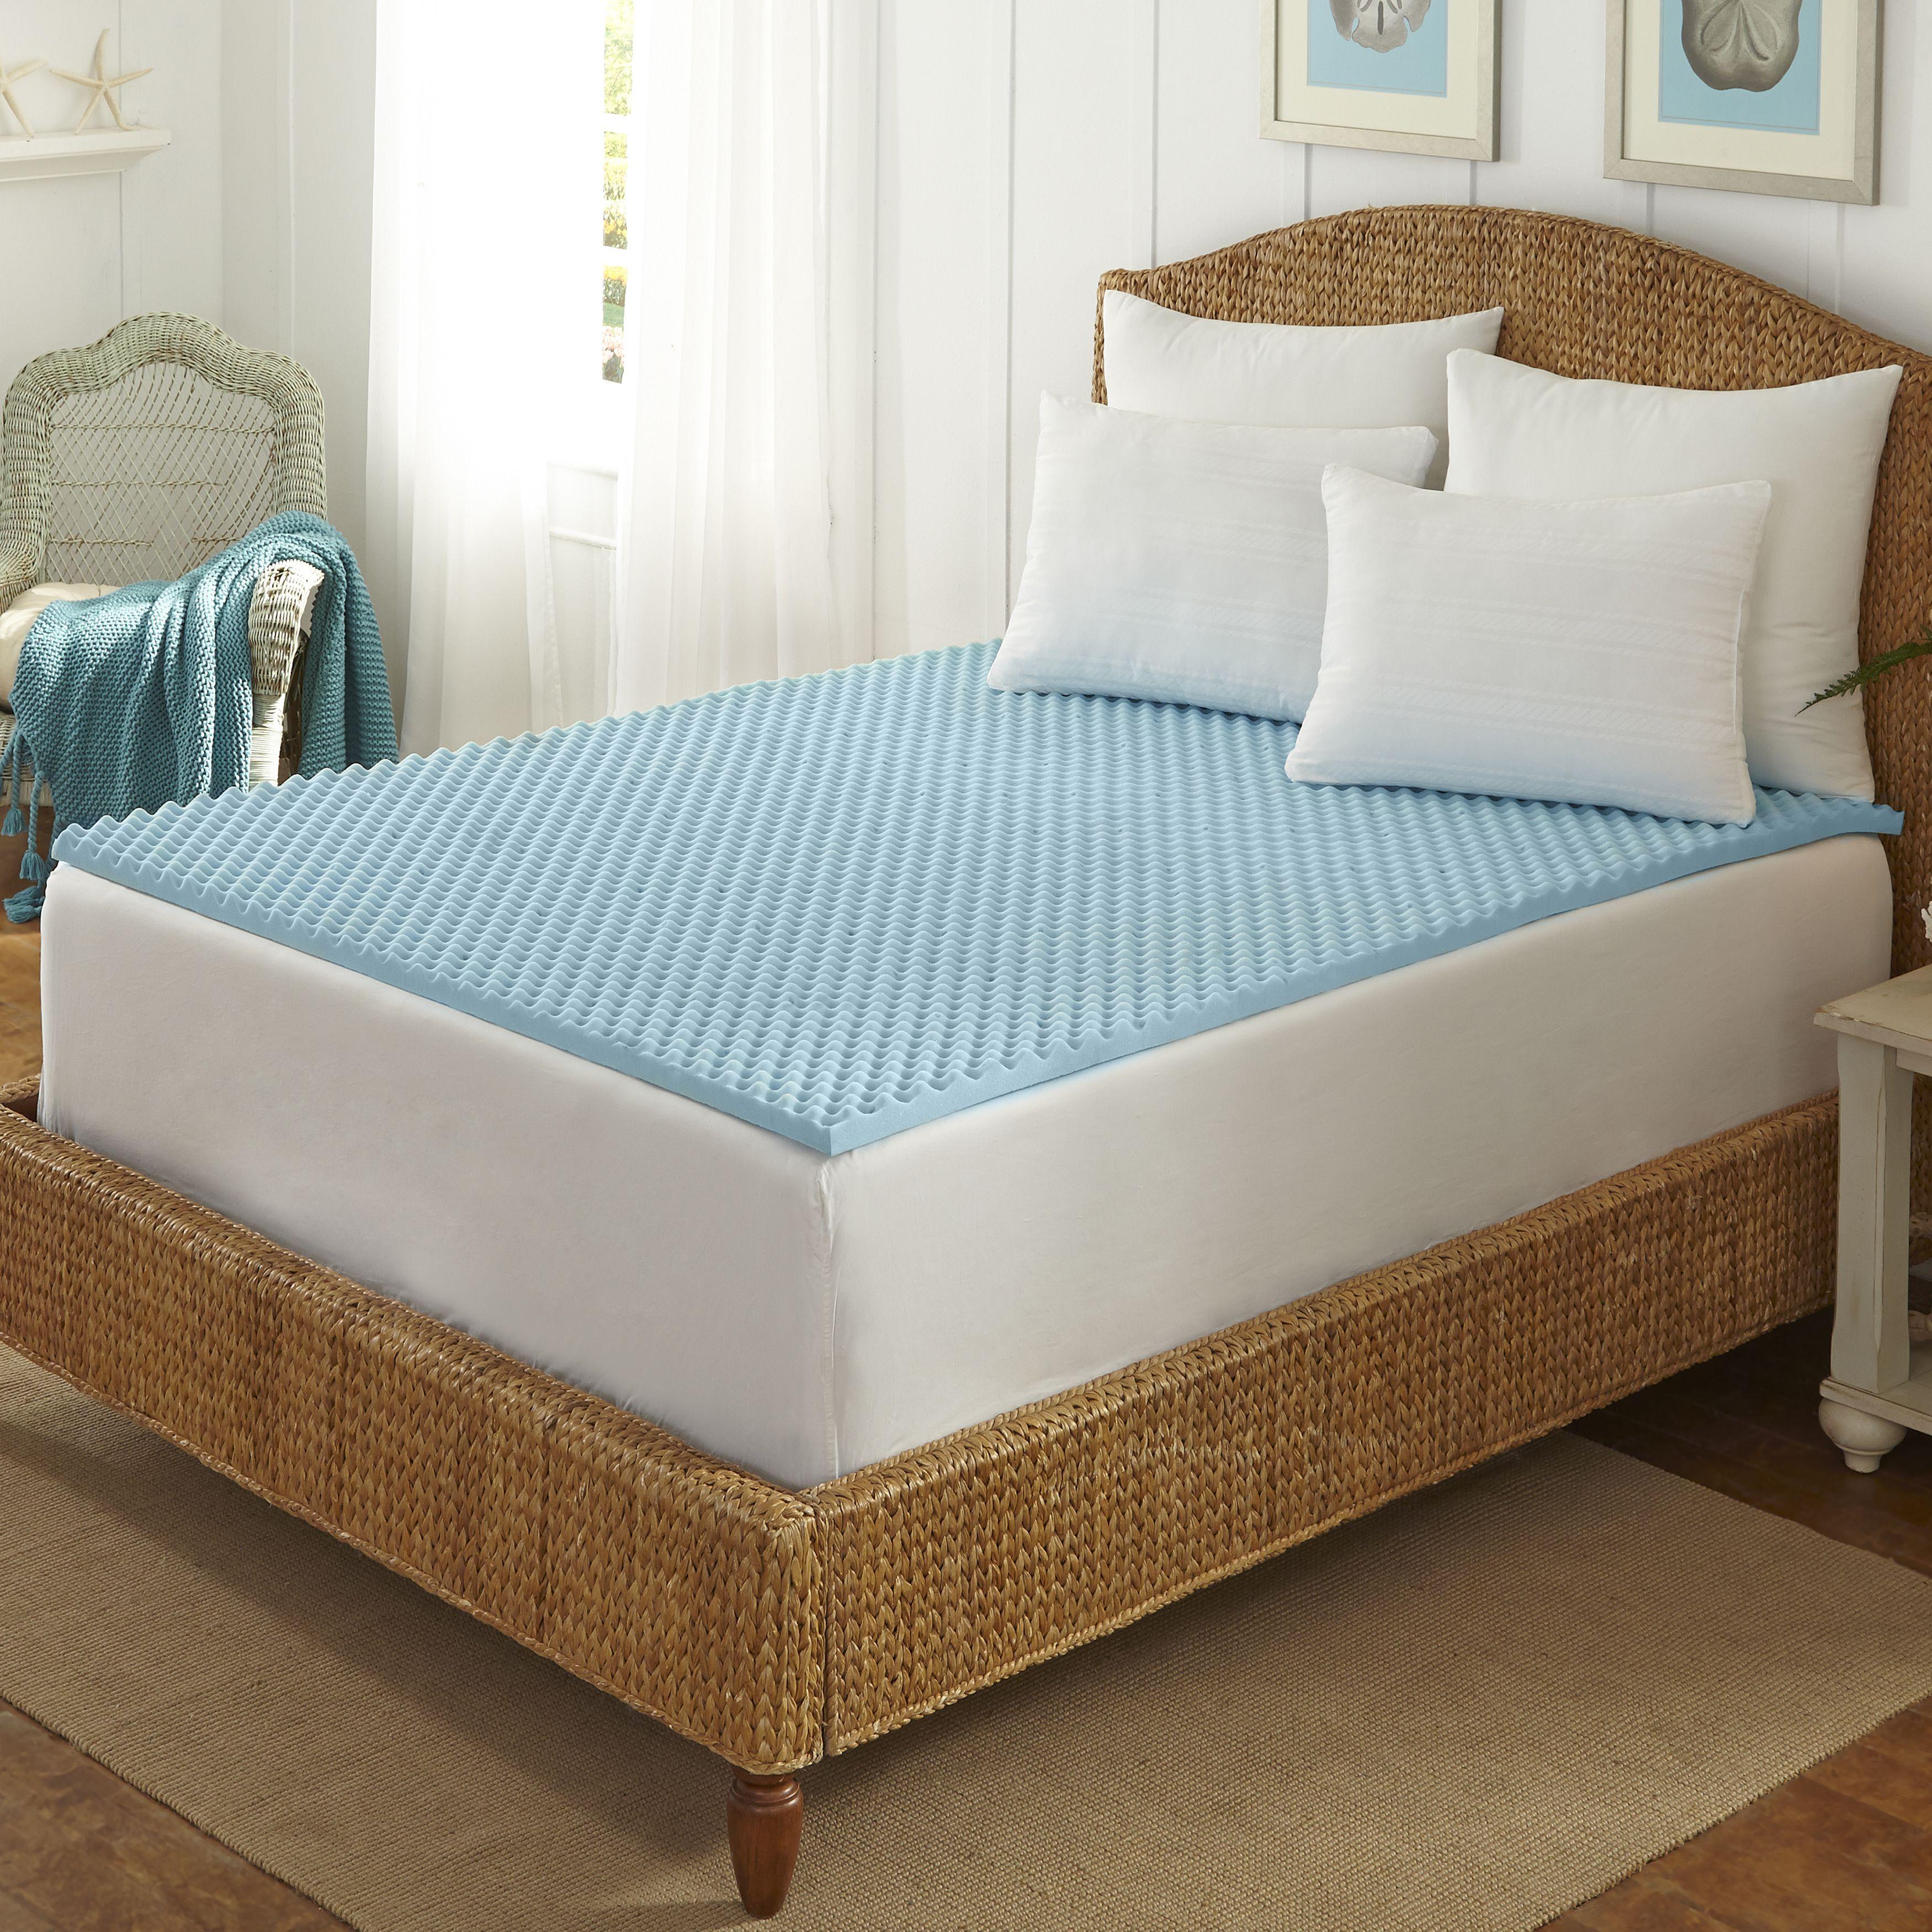 Arctic Sleep Cool Blue 1 5 Inch Memory Foam Twin Size Mattress Topper Hogar